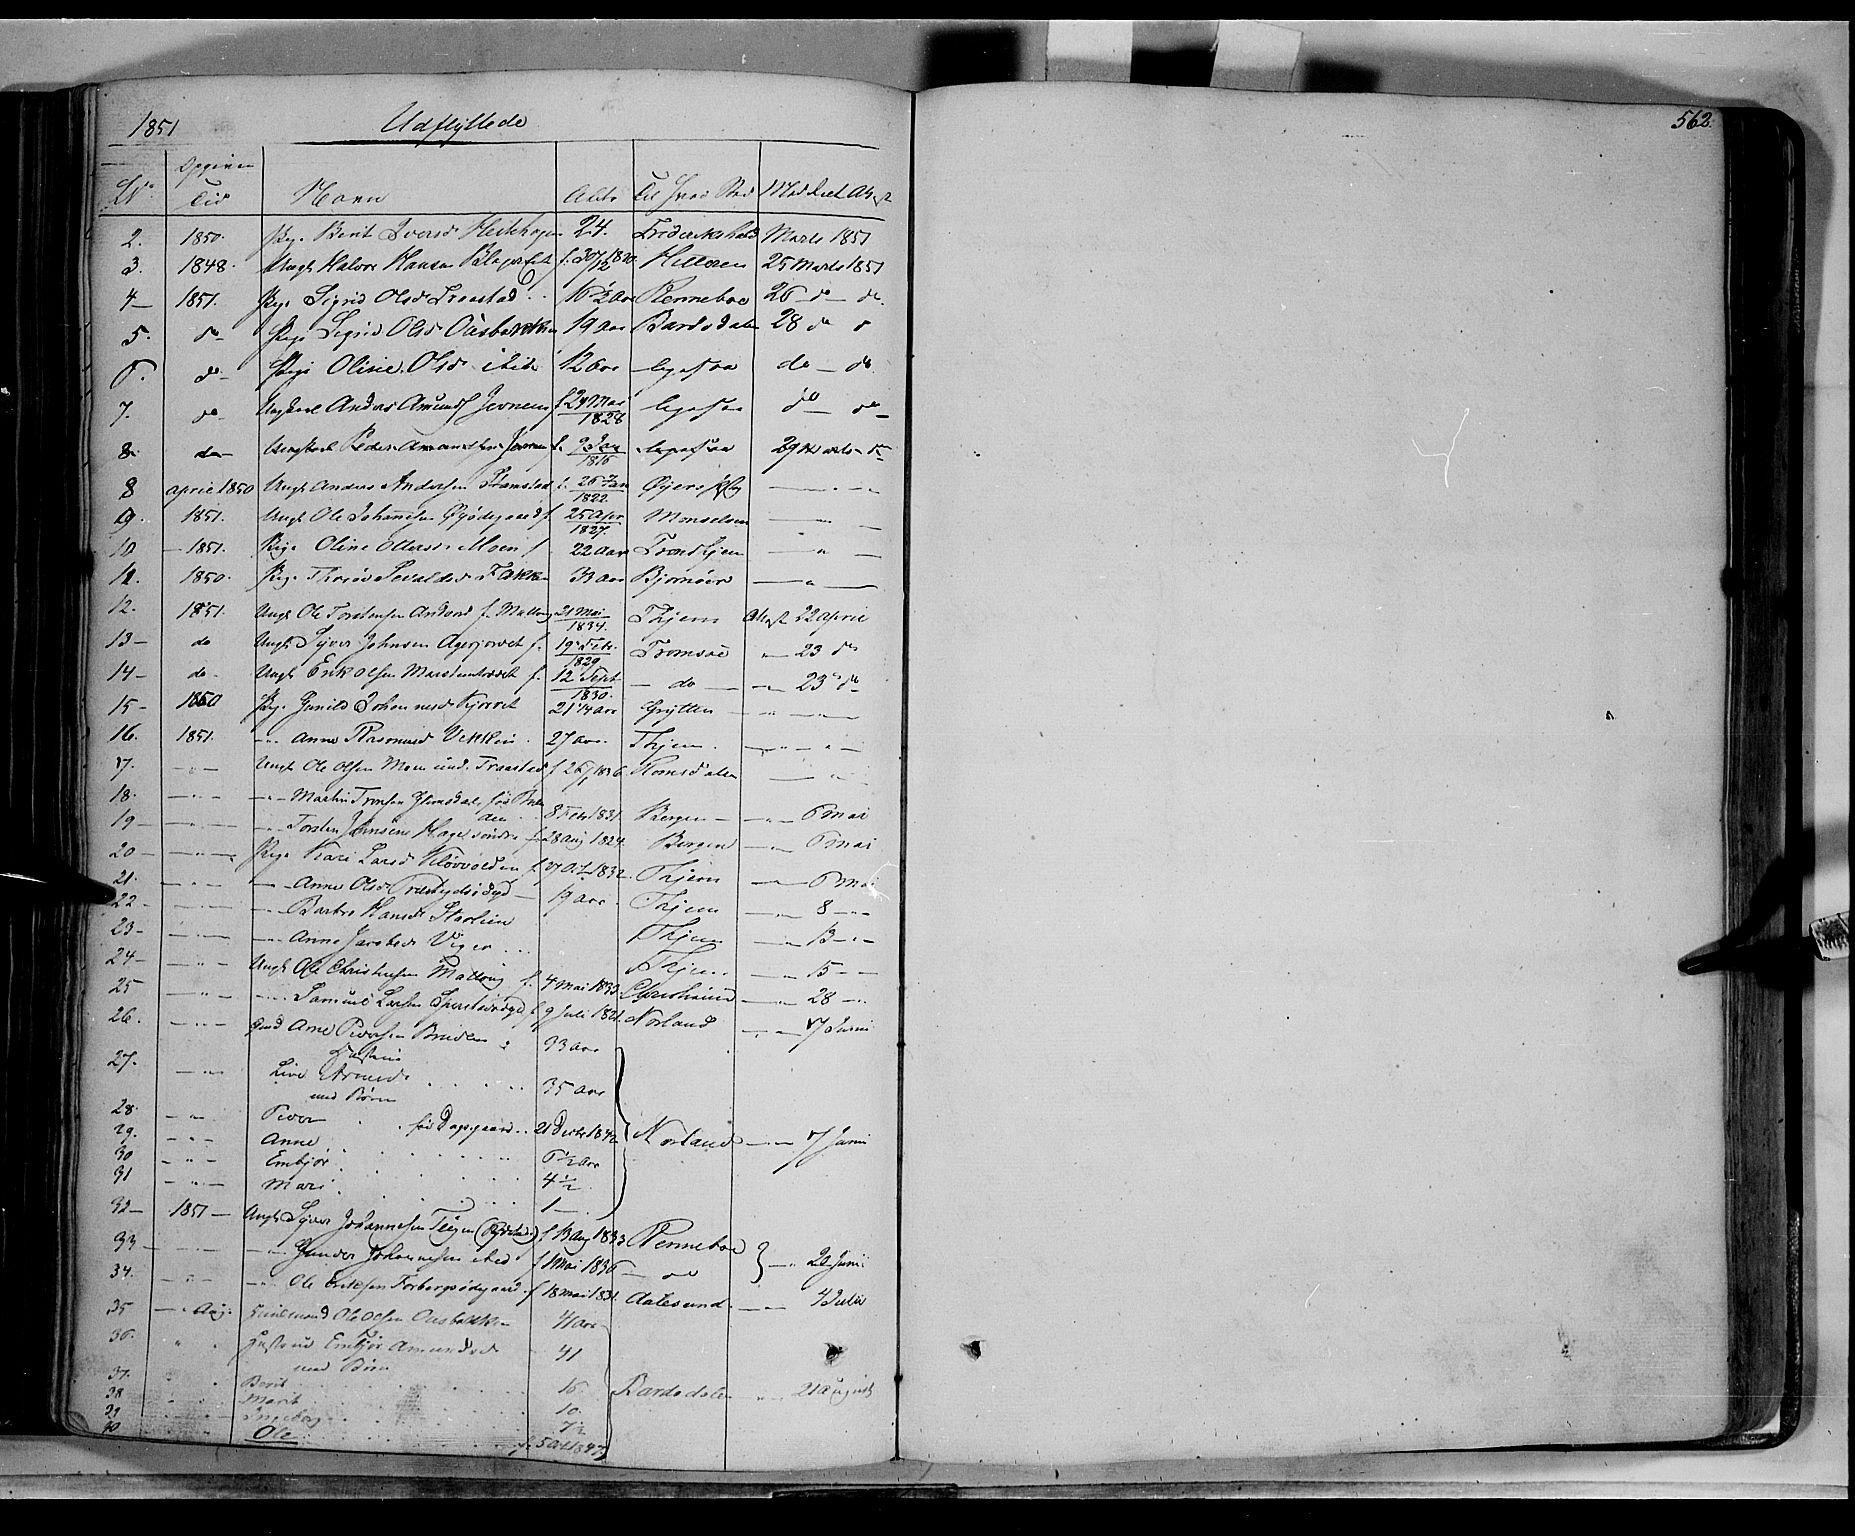 SAH, Lom prestekontor, K/L0006: Ministerialbok nr. 6B, 1837-1863, s. 562